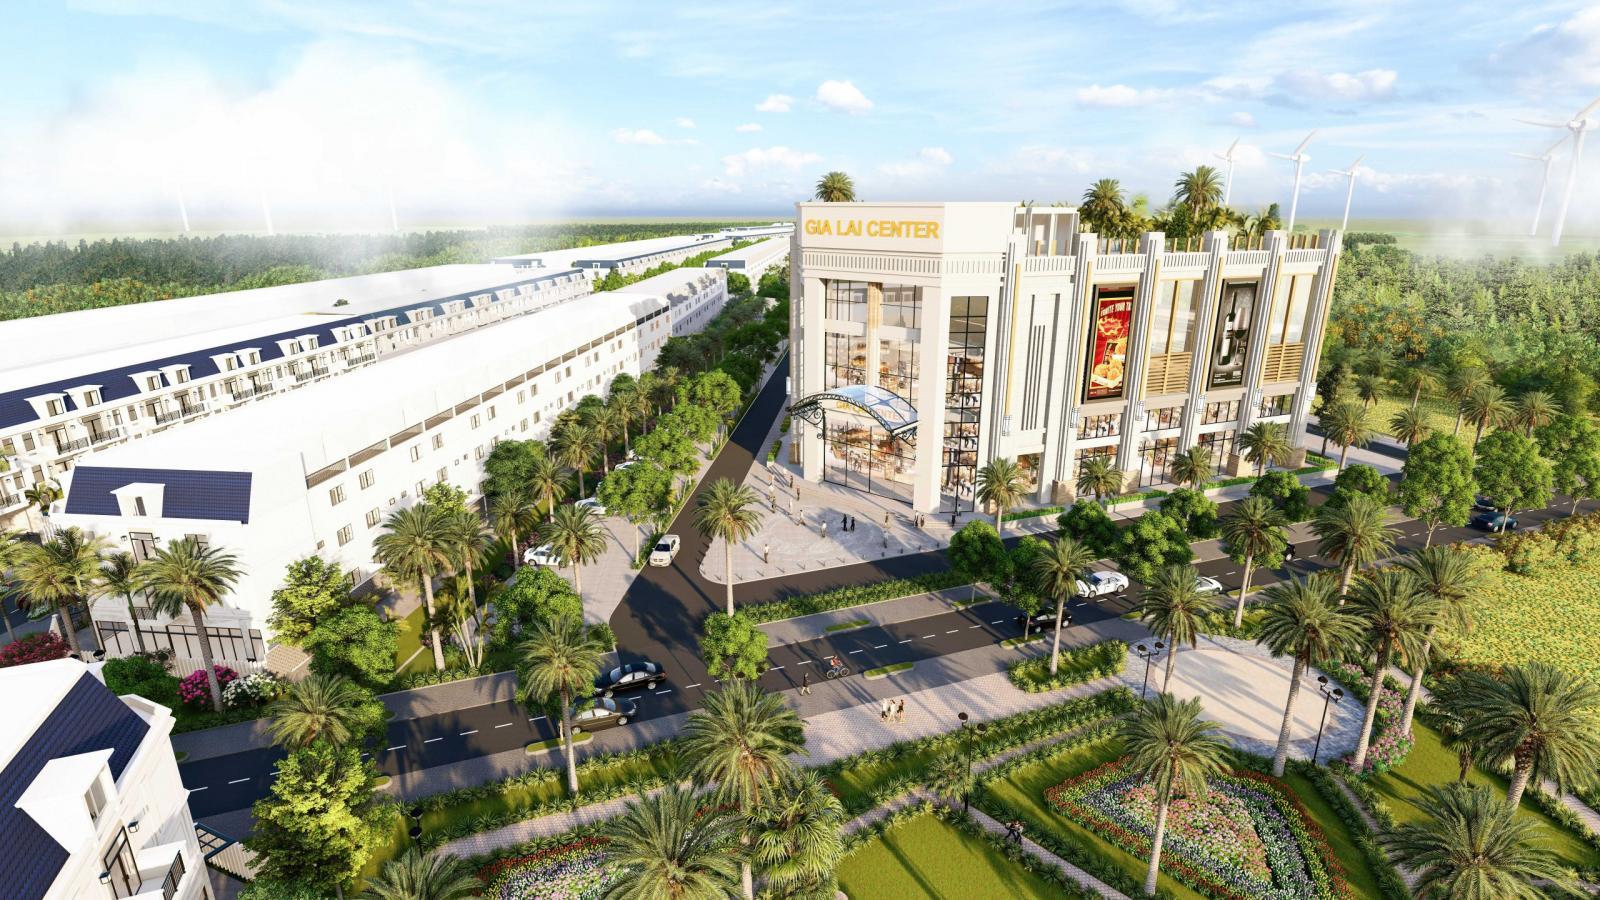 Trung tâm thương mại tại Gia Lai New City